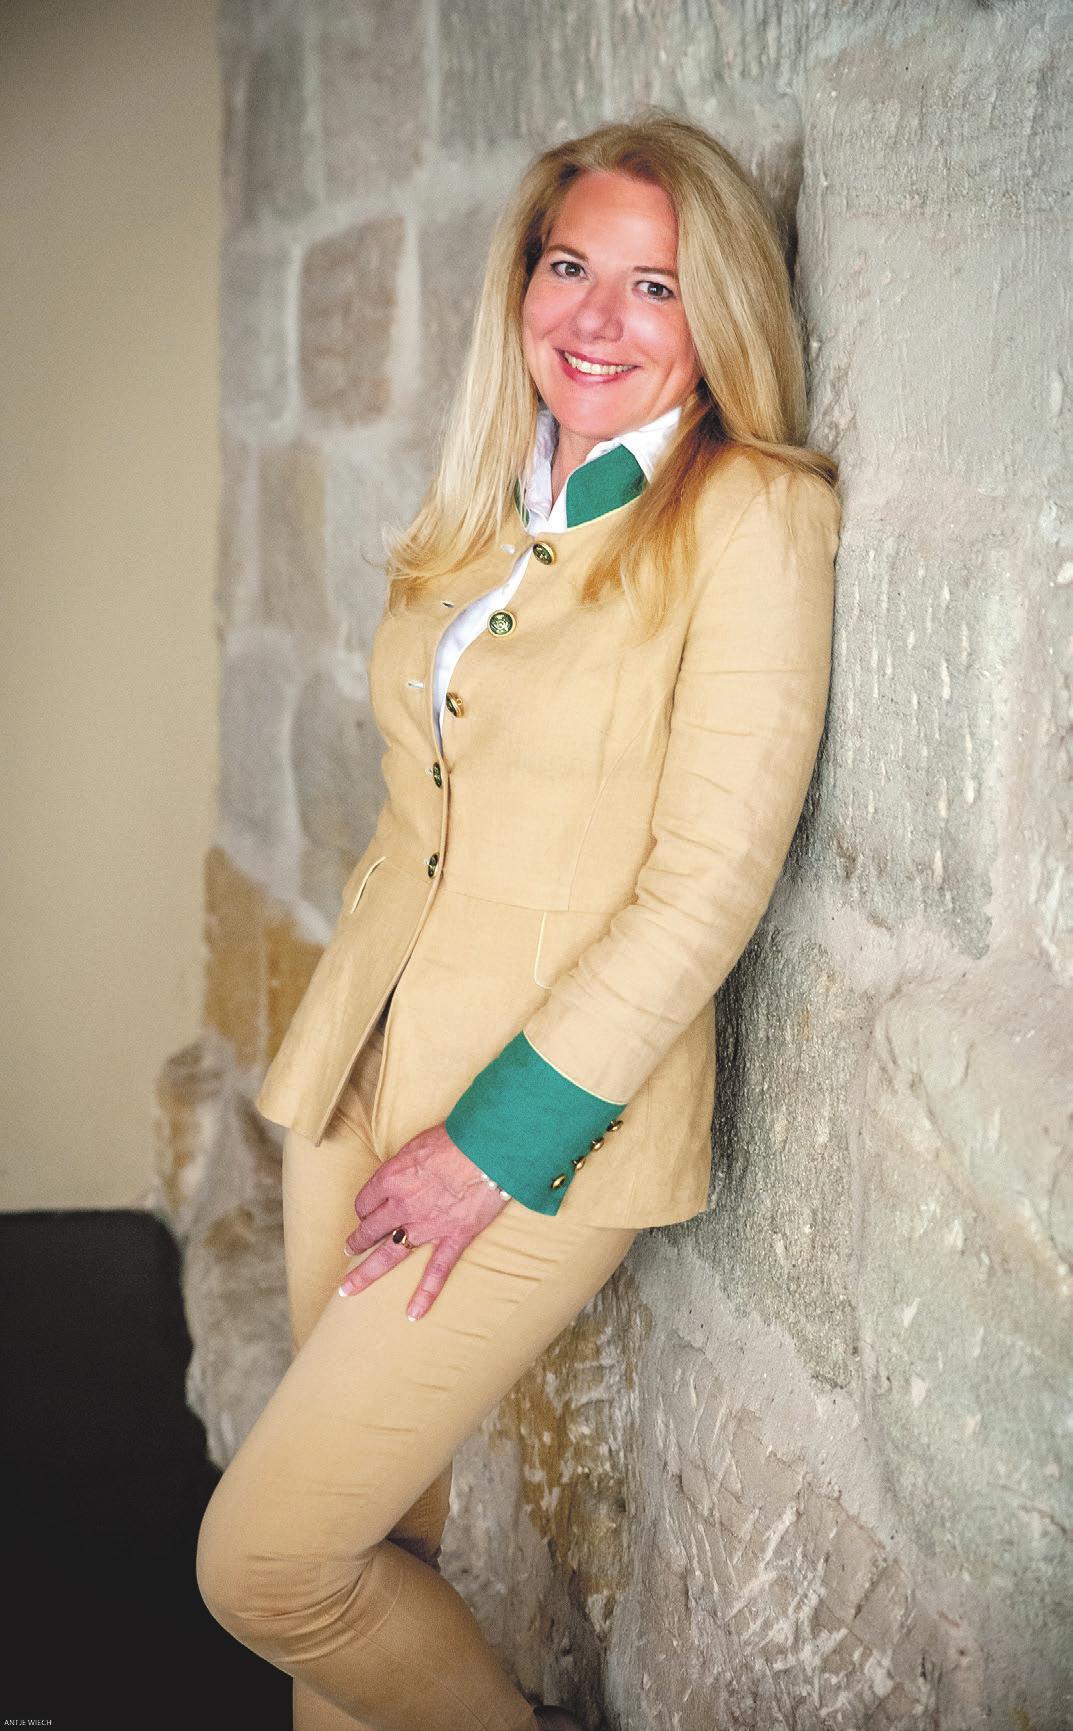 Fiona Freifrau Loeffelholz von Colberg (Foto Antje Wiech)